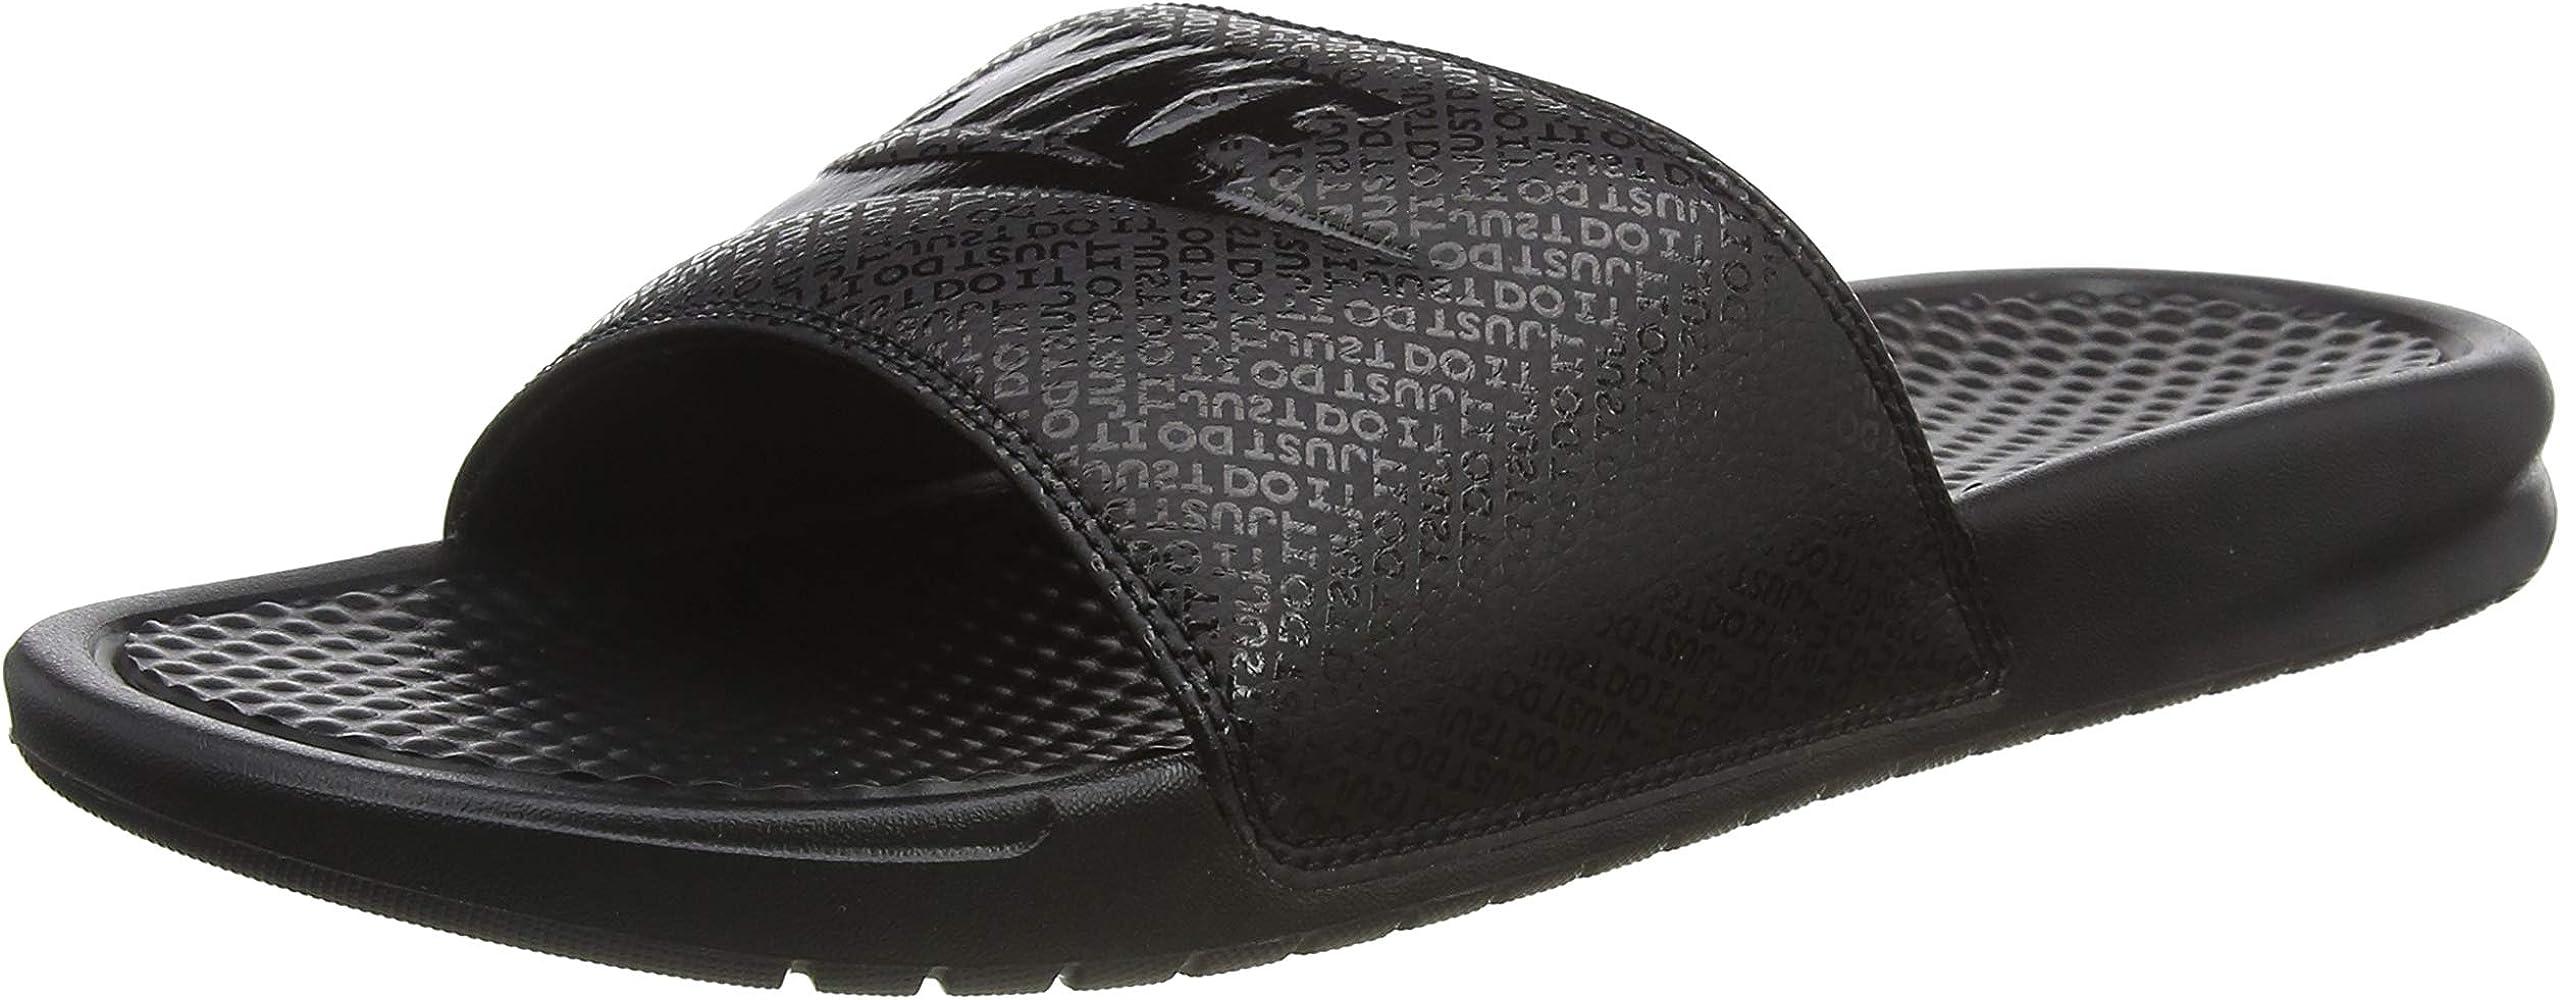 Chanclas Unisex Adulto 38.5 EU Nike Benassi Jdi Black//Black//Black Negro